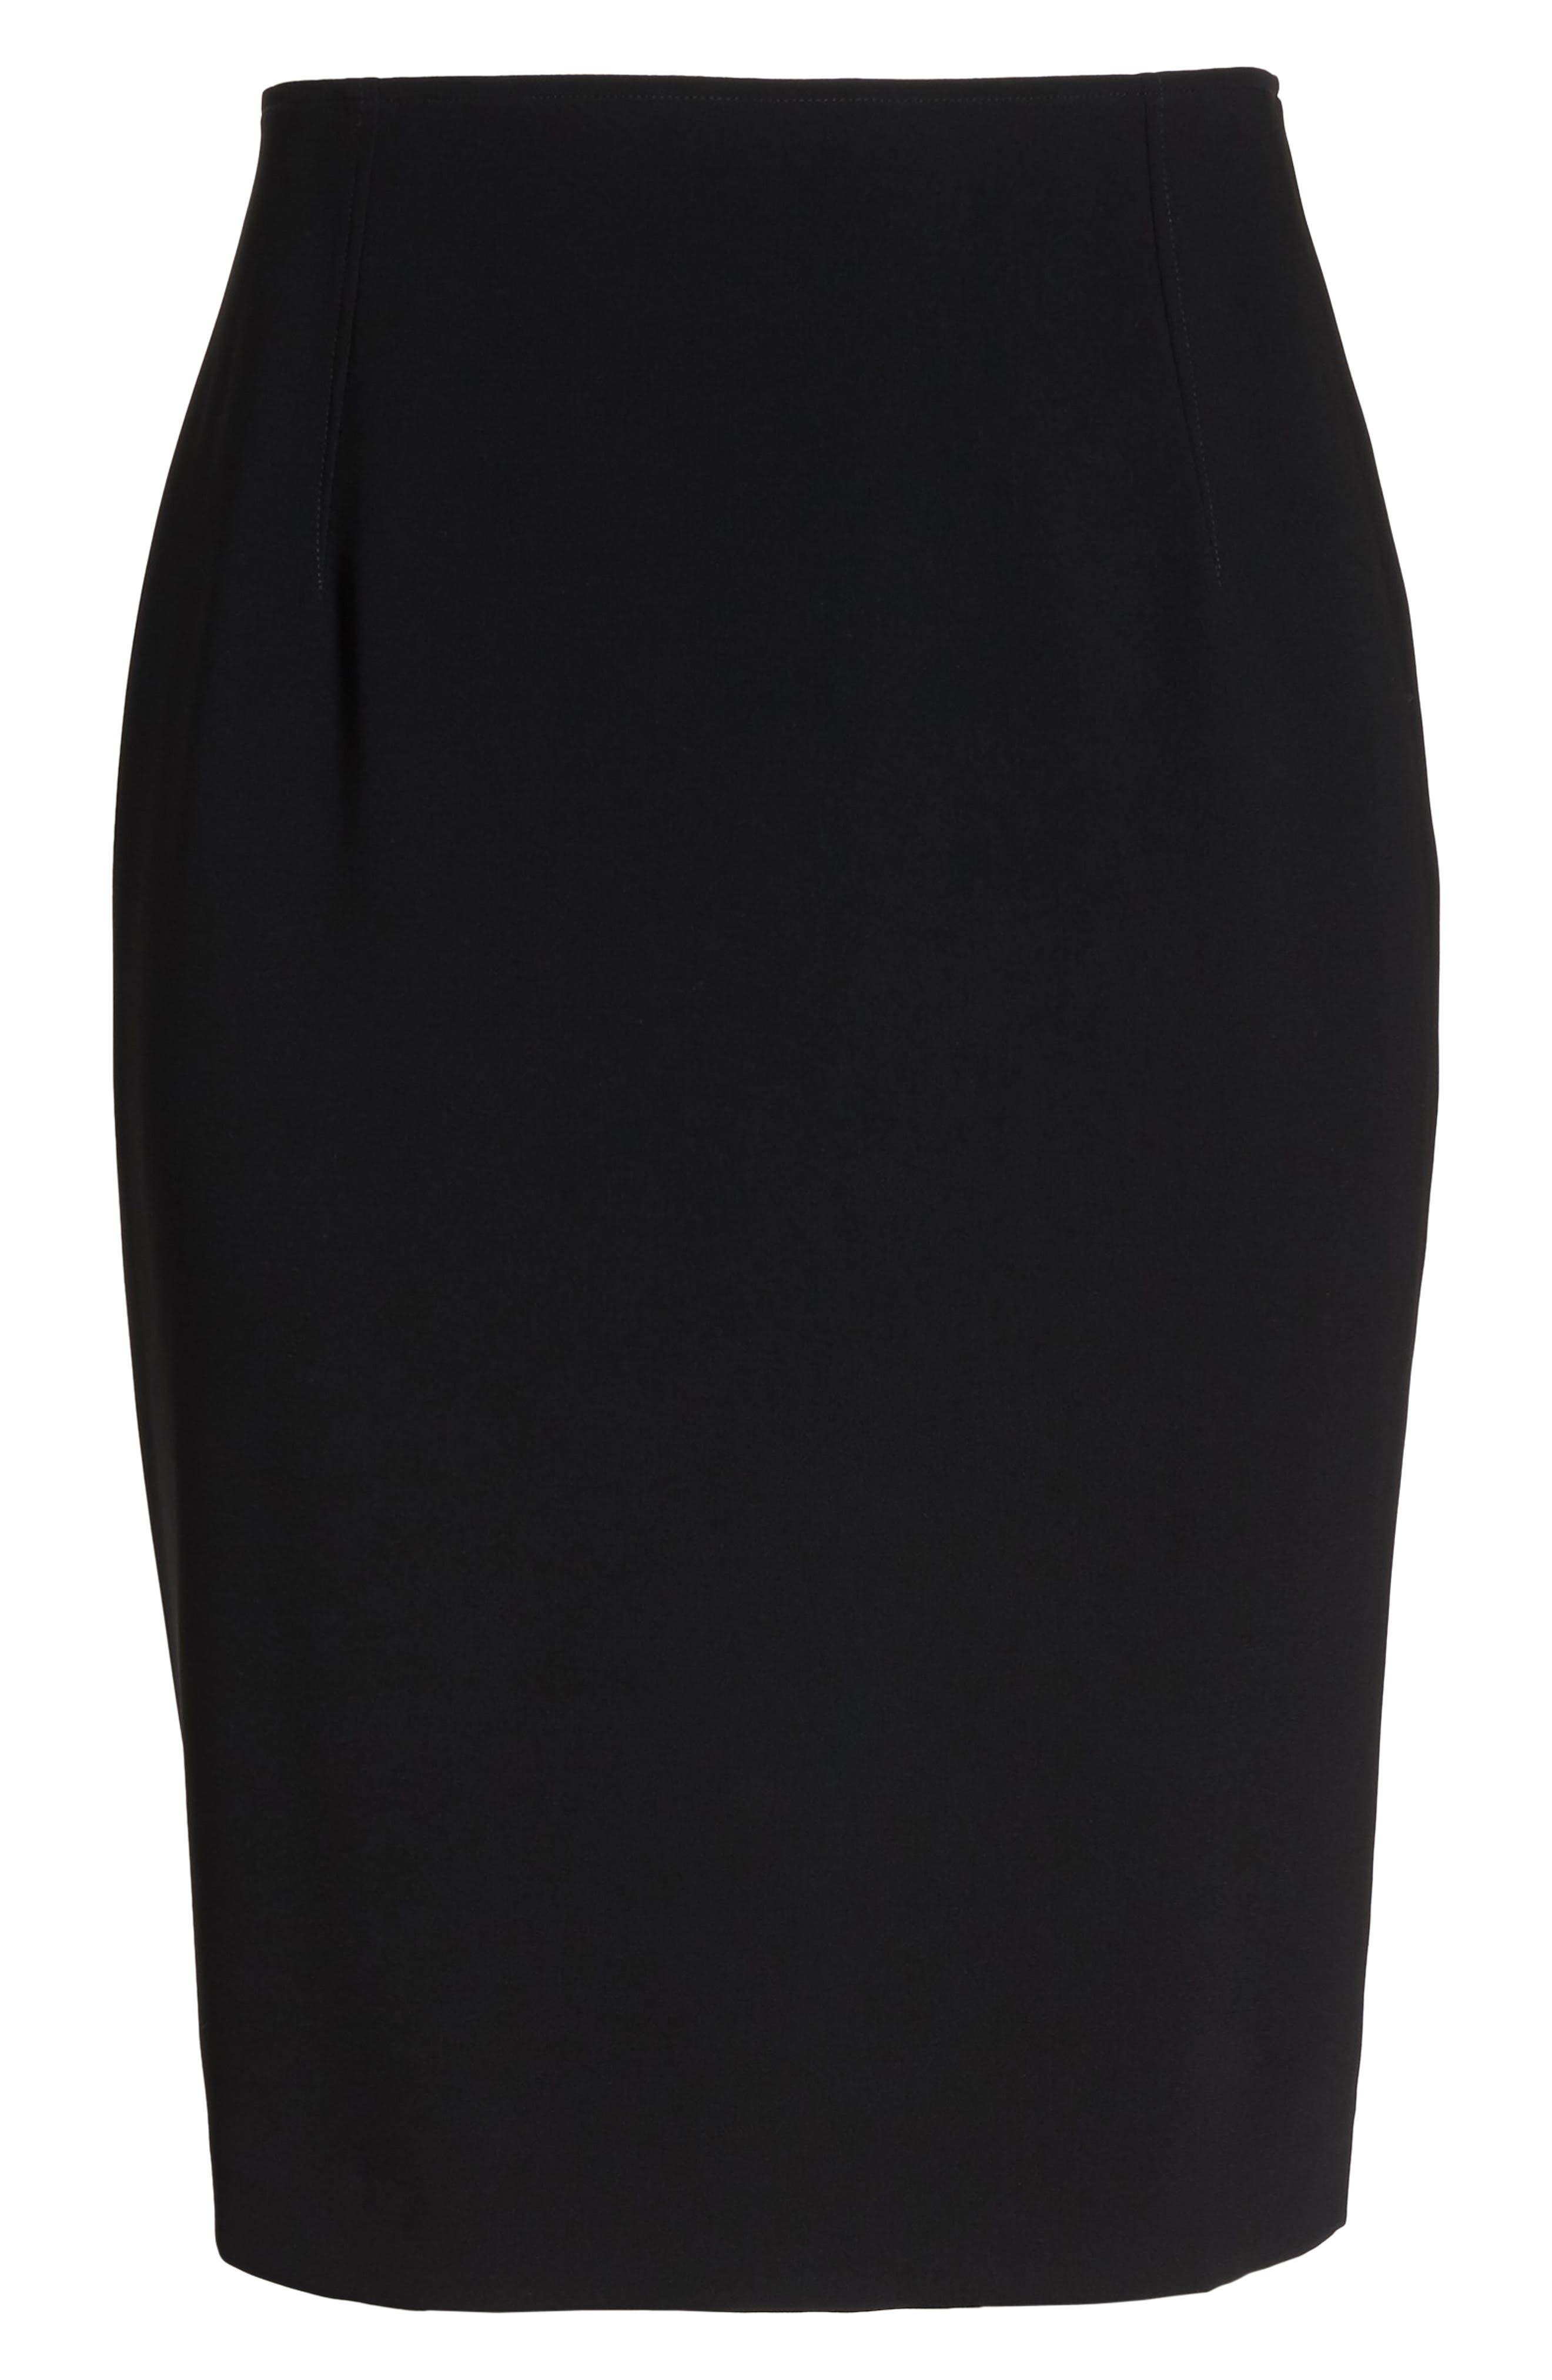 LOUBEN,                             Suit Pencil Skirt,                             Main thumbnail 1, color,                             BLACK